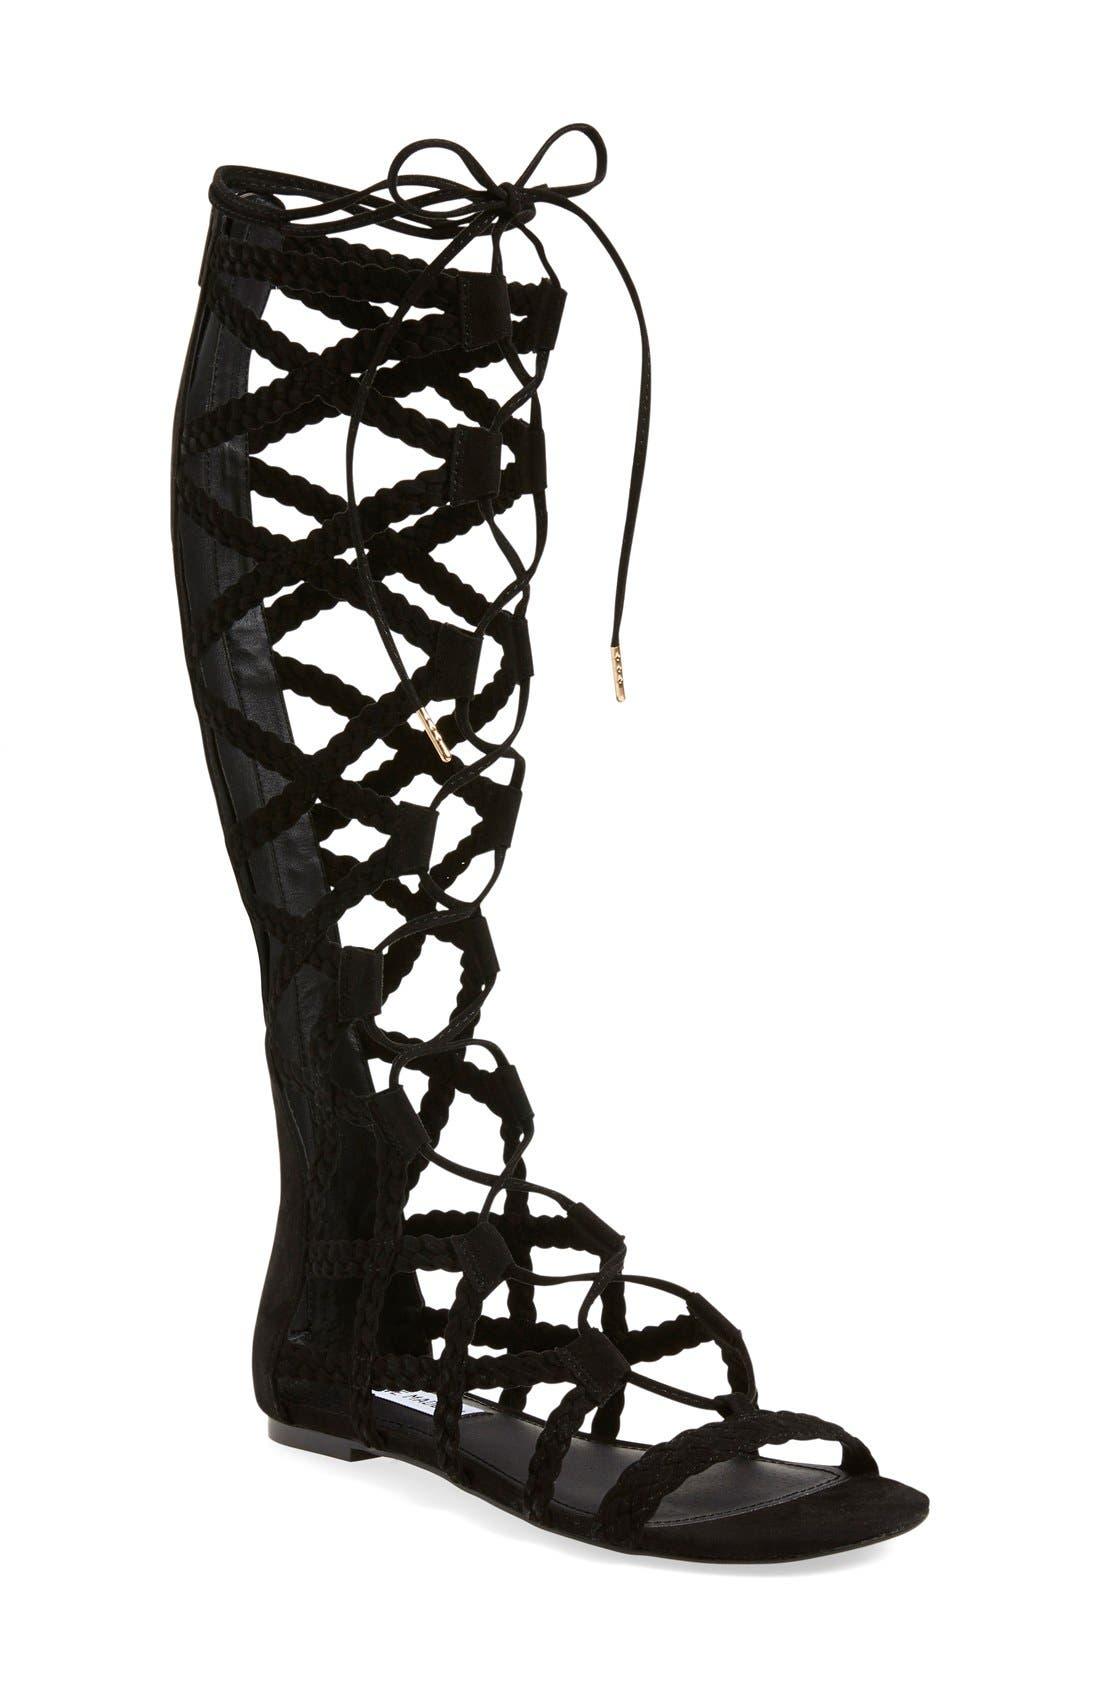 Main Image - Steve Madden 'Sammson' Lace-Up Gladiator Sandal (Women)